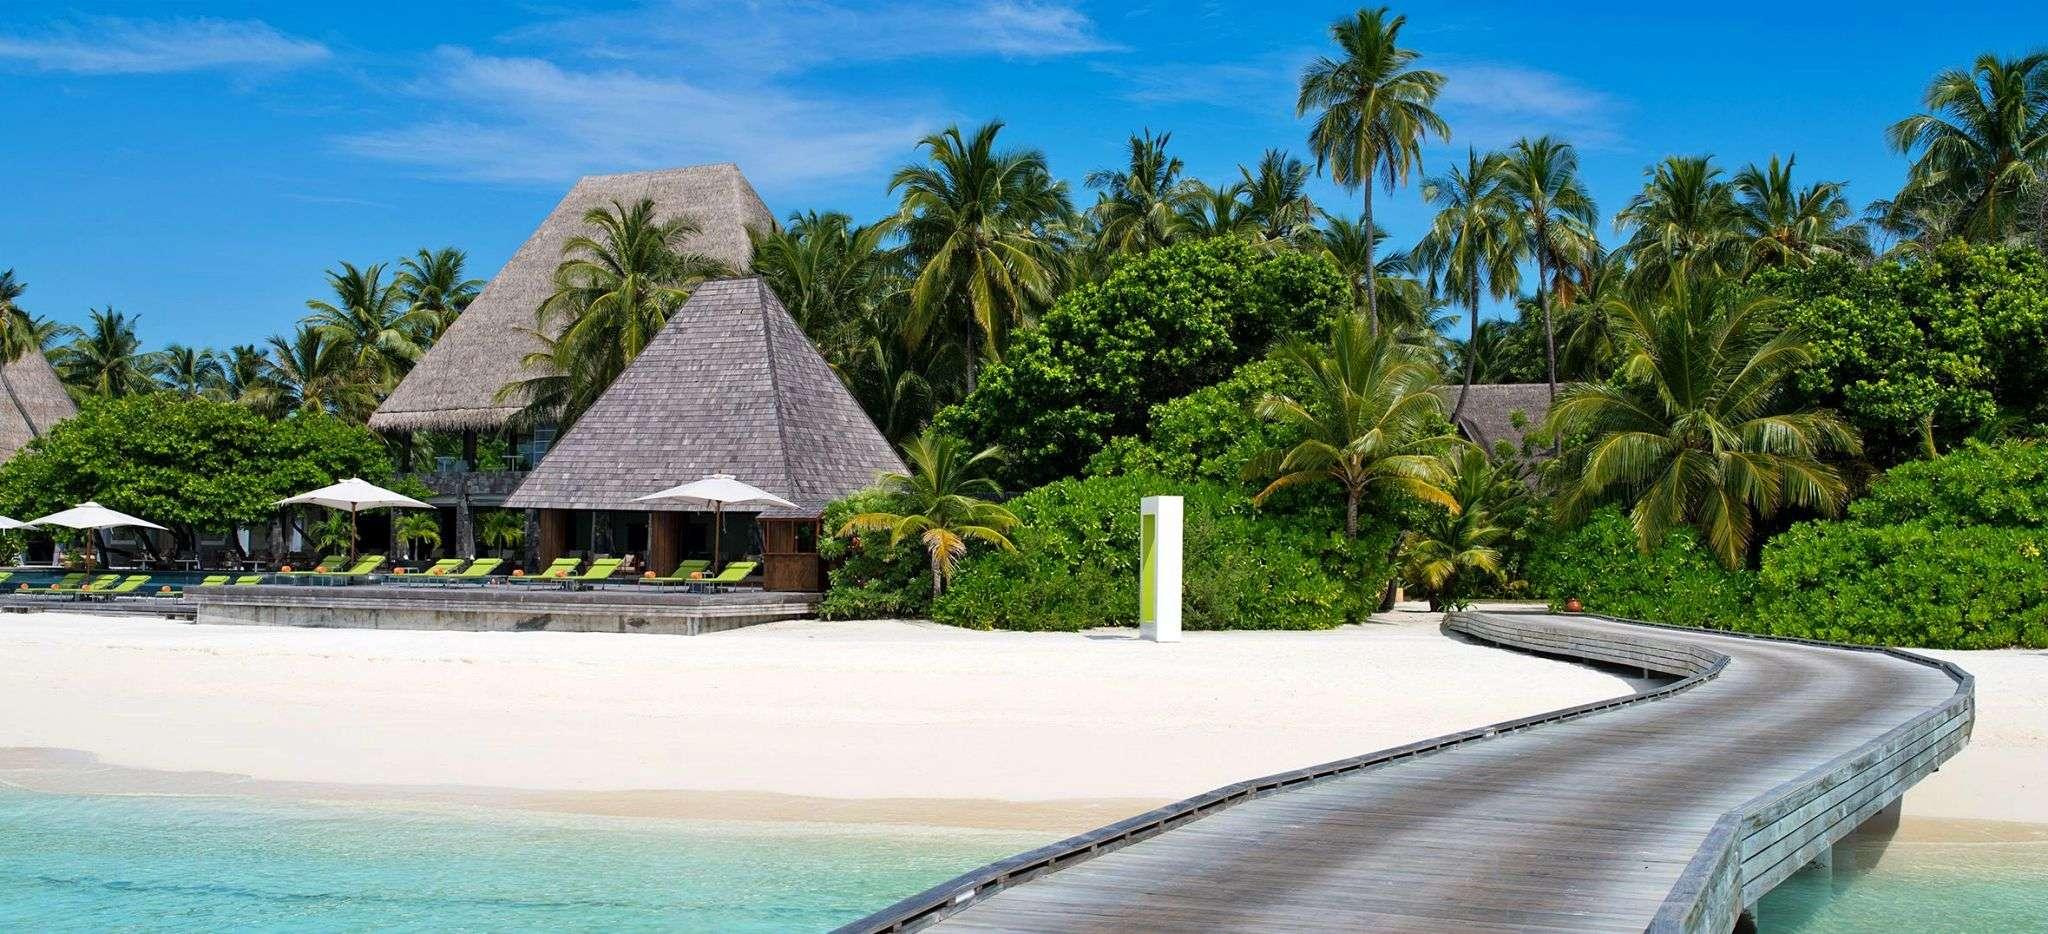 Ein Steg an einer Malediveninsel, Blick auf den Strand und mit Palmblättern gedeckte Häuser. Das Hotel Anantara Kihavah